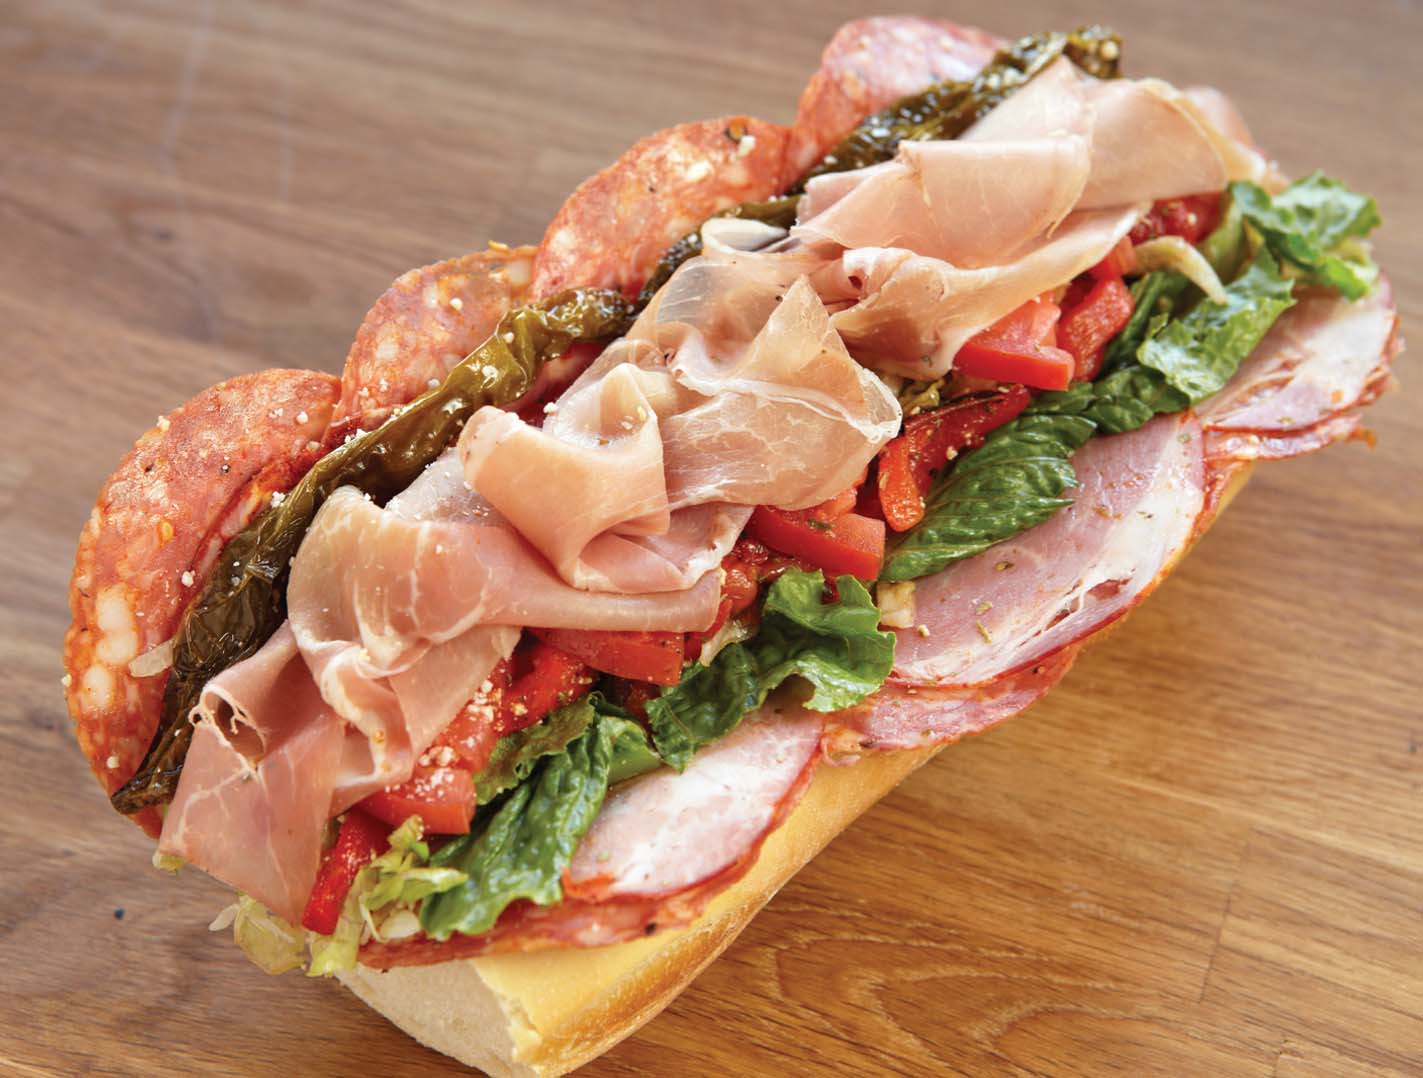 Philadelphia Sandwich Shop - Italian Hoagie